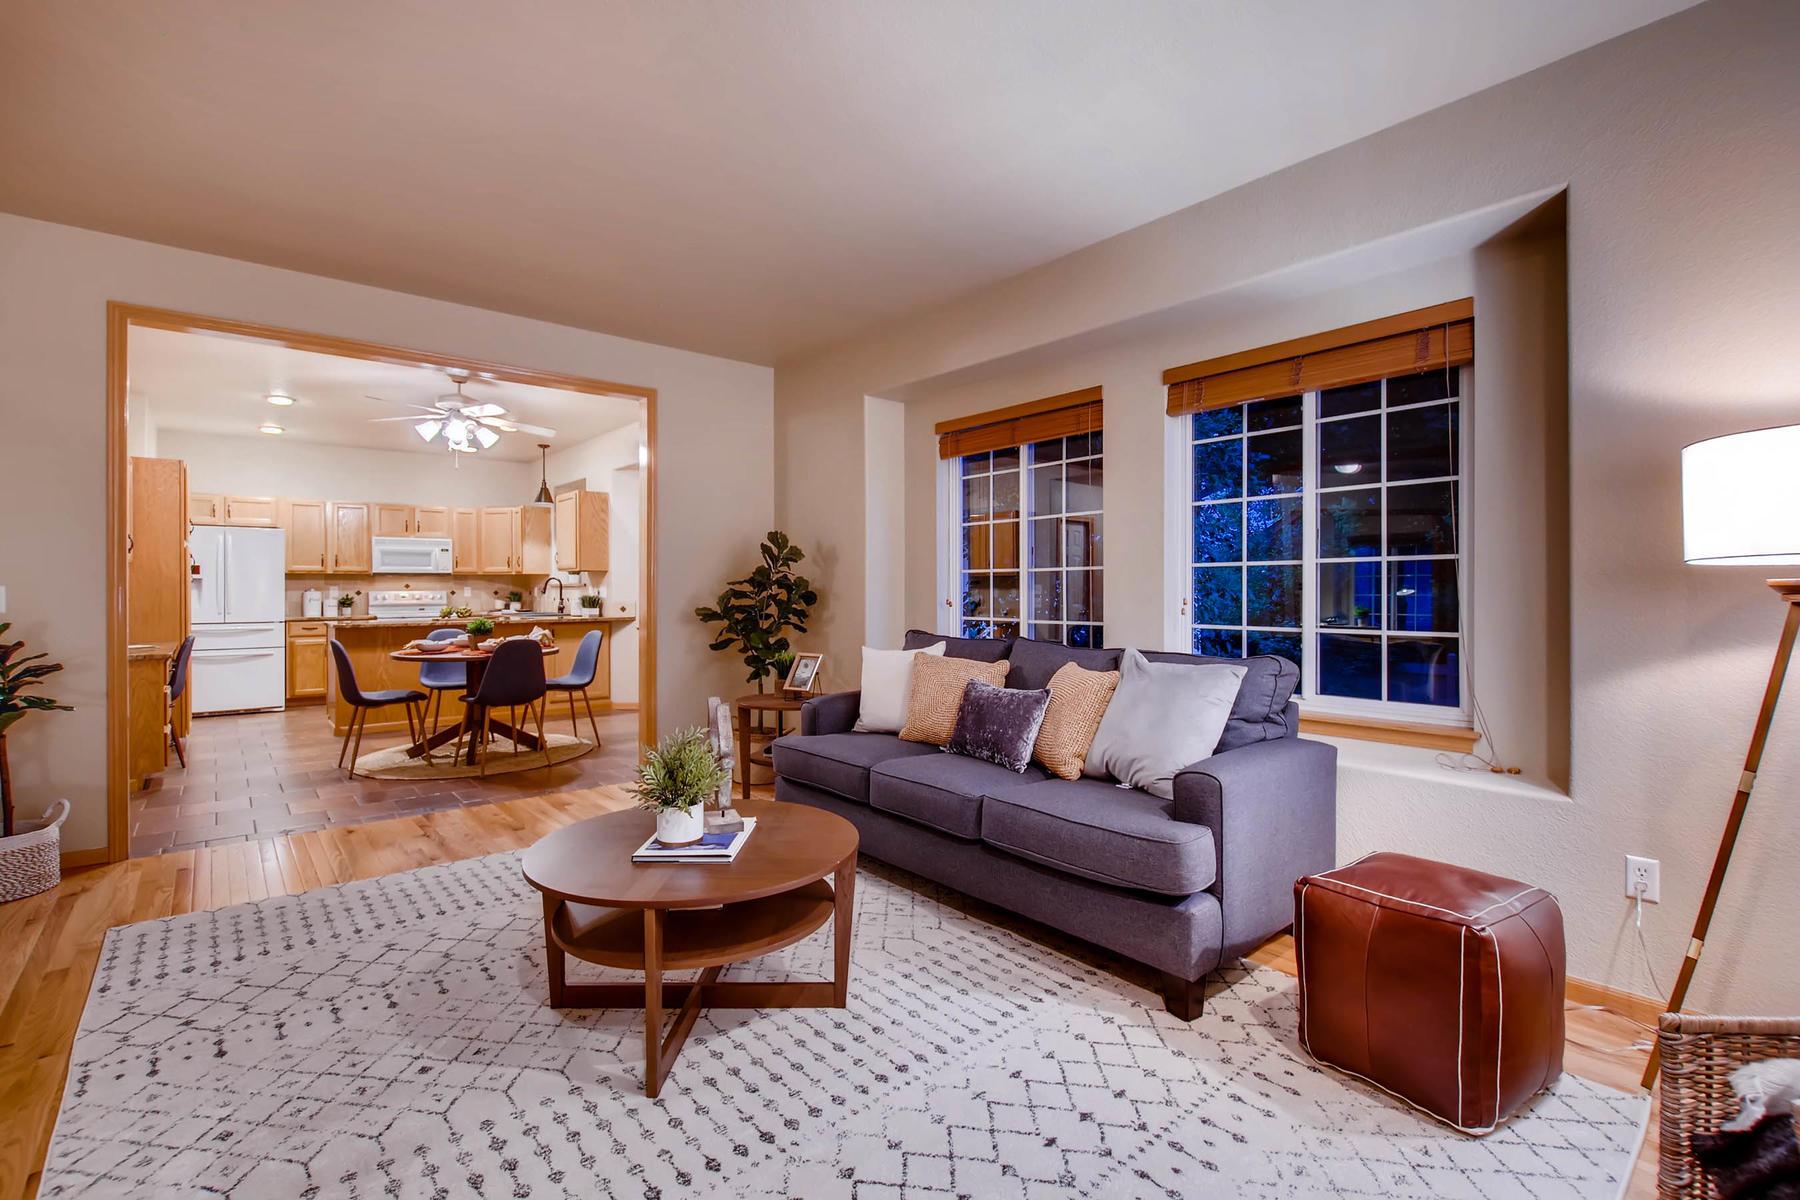 1694 Seven Lakes Dr Loveland-MLS_Size-007-7-Living Room-1800x1200-72dpi.jpg